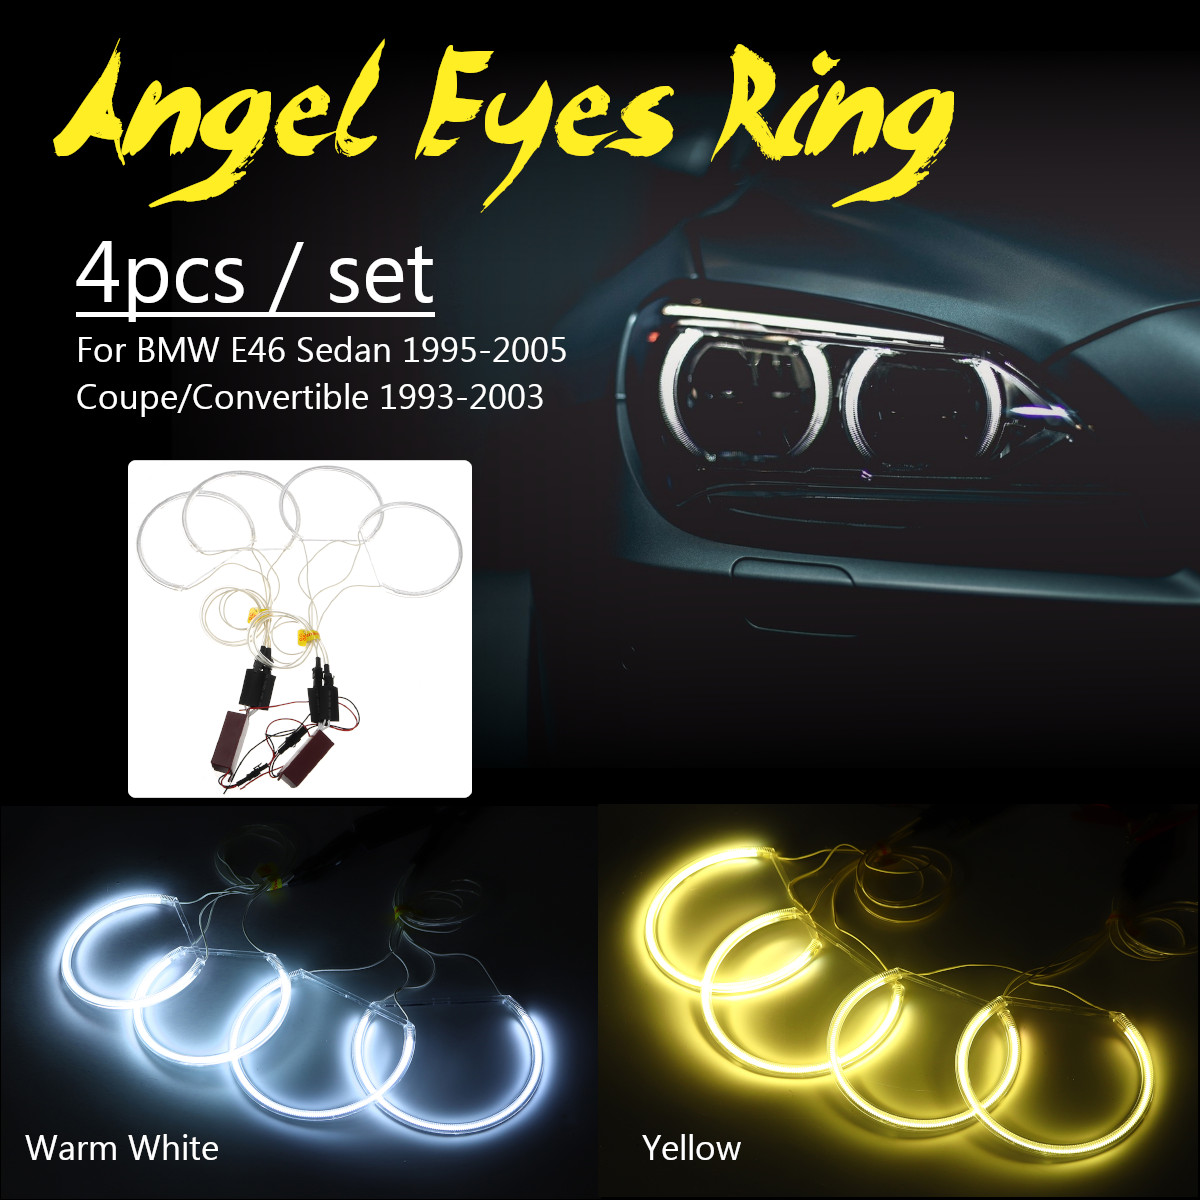 4 pçs anjo olho halo led luz farol conjunto ccfl branco amarelo para bmw e46 sedan 1995-2005